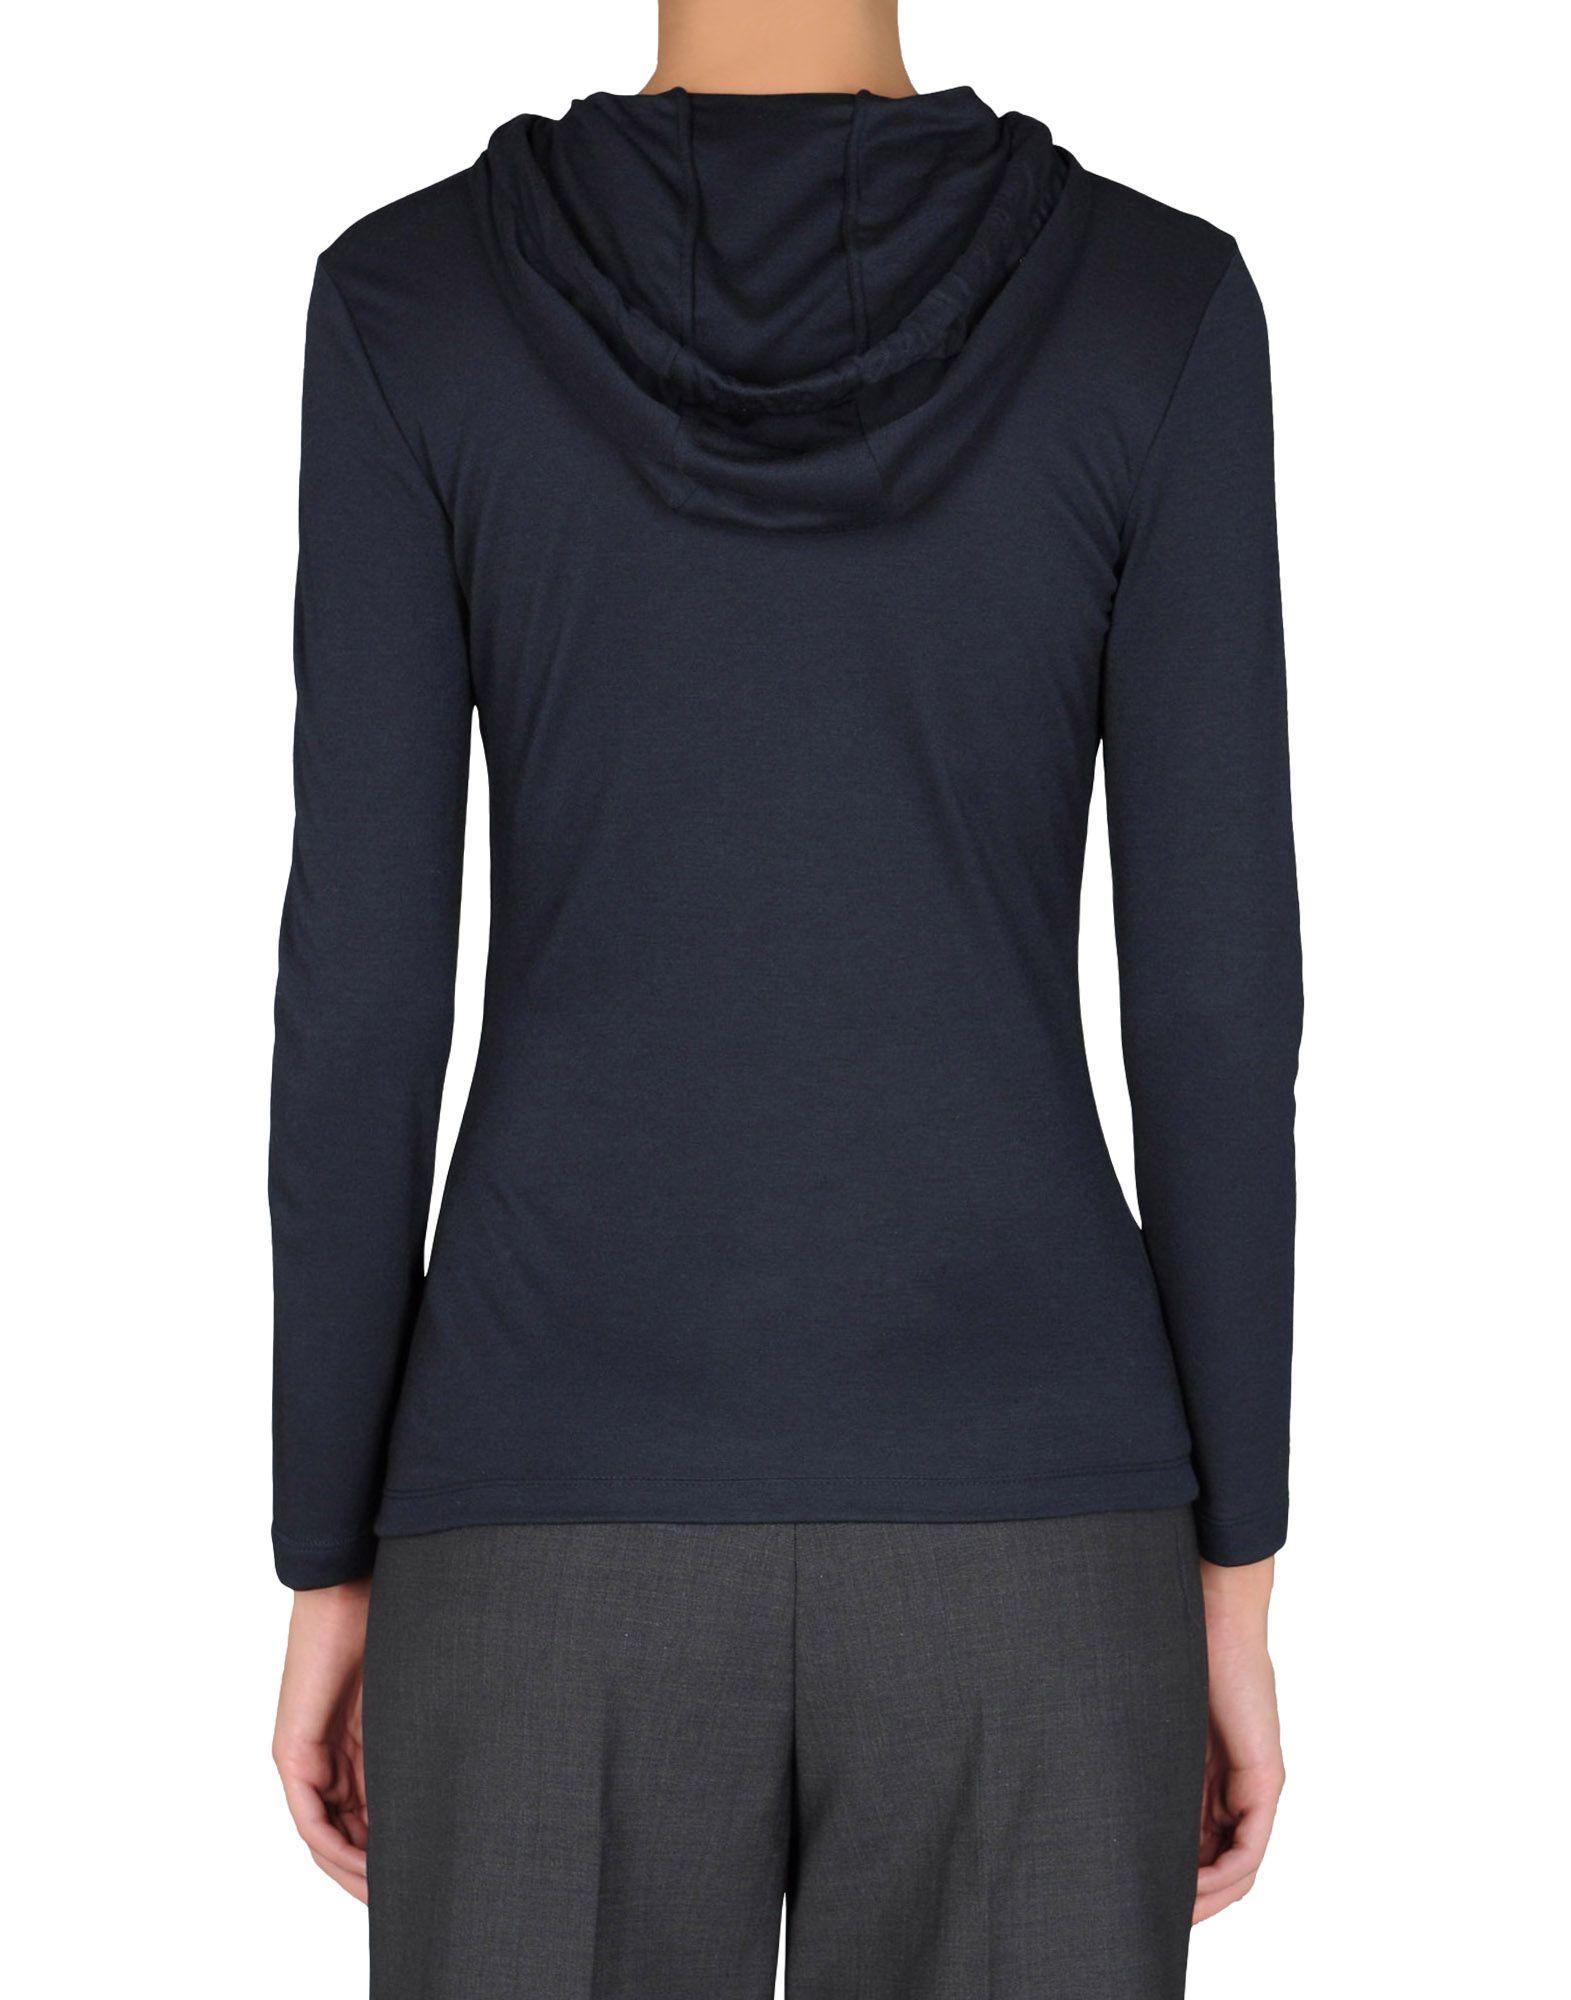 T-shirt - JIL SANDER NAVY Online Store